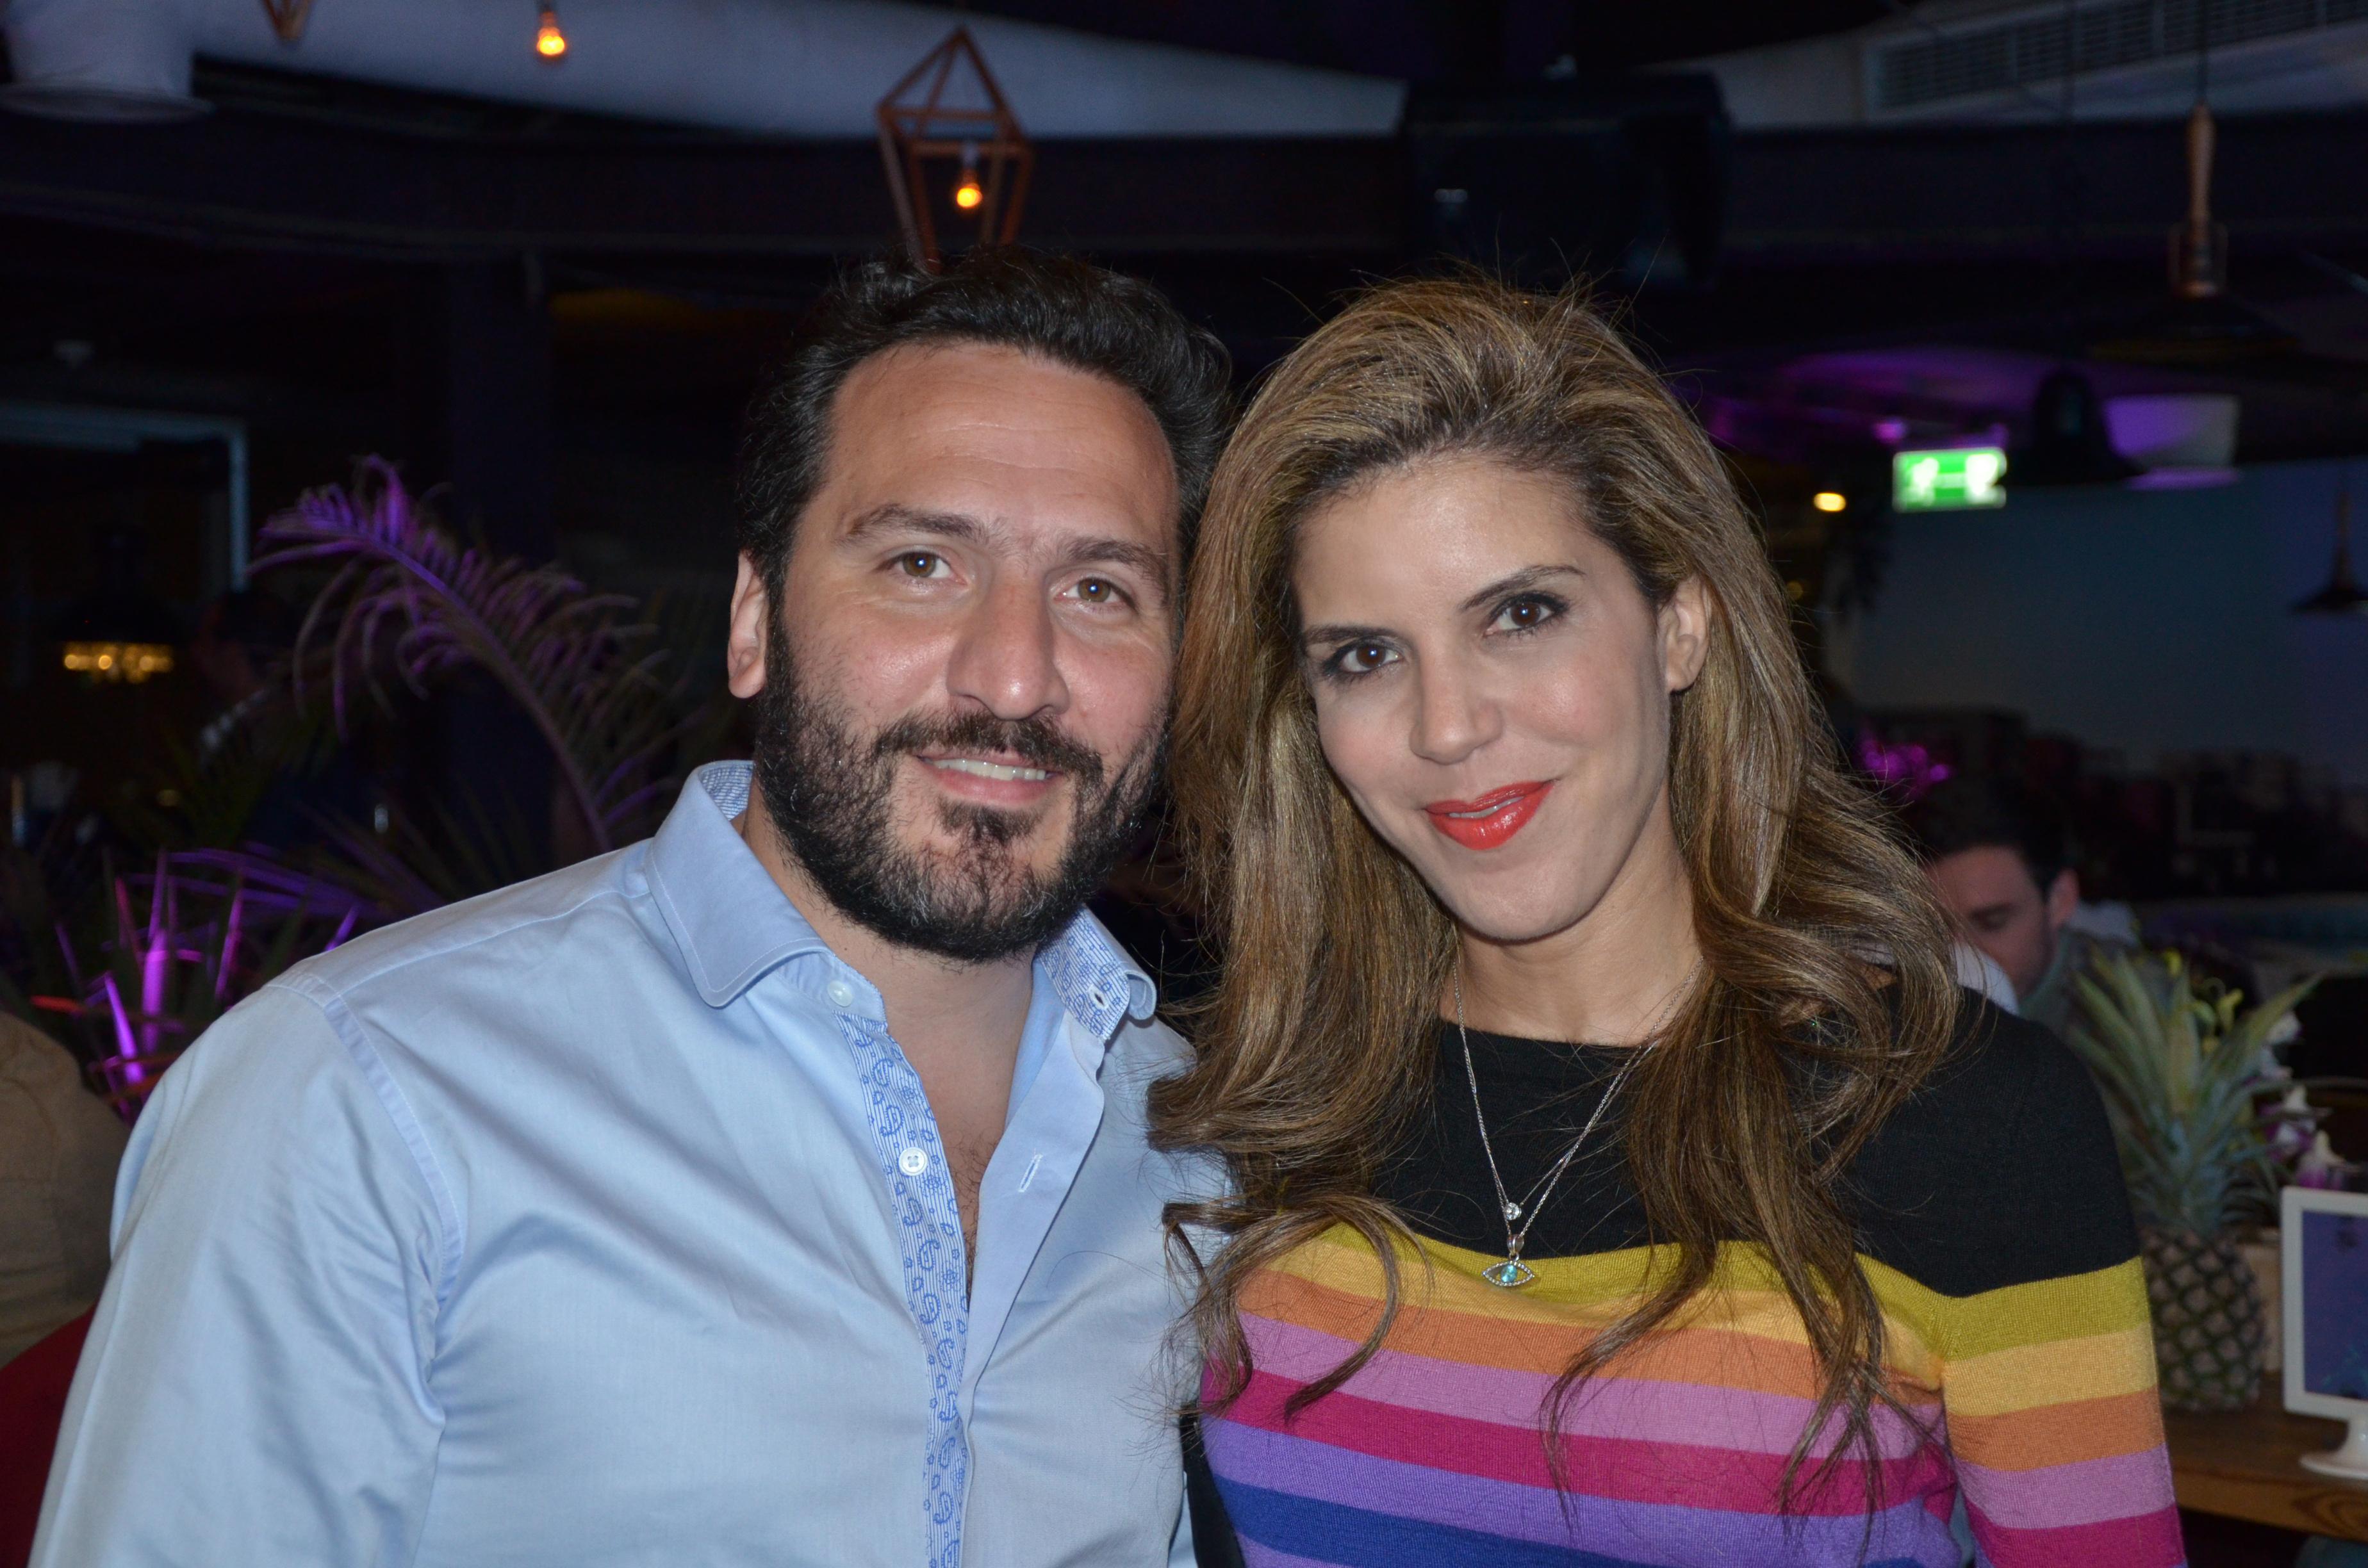 Mr. Hassan Abaza & Ms. Yasmine Shihata